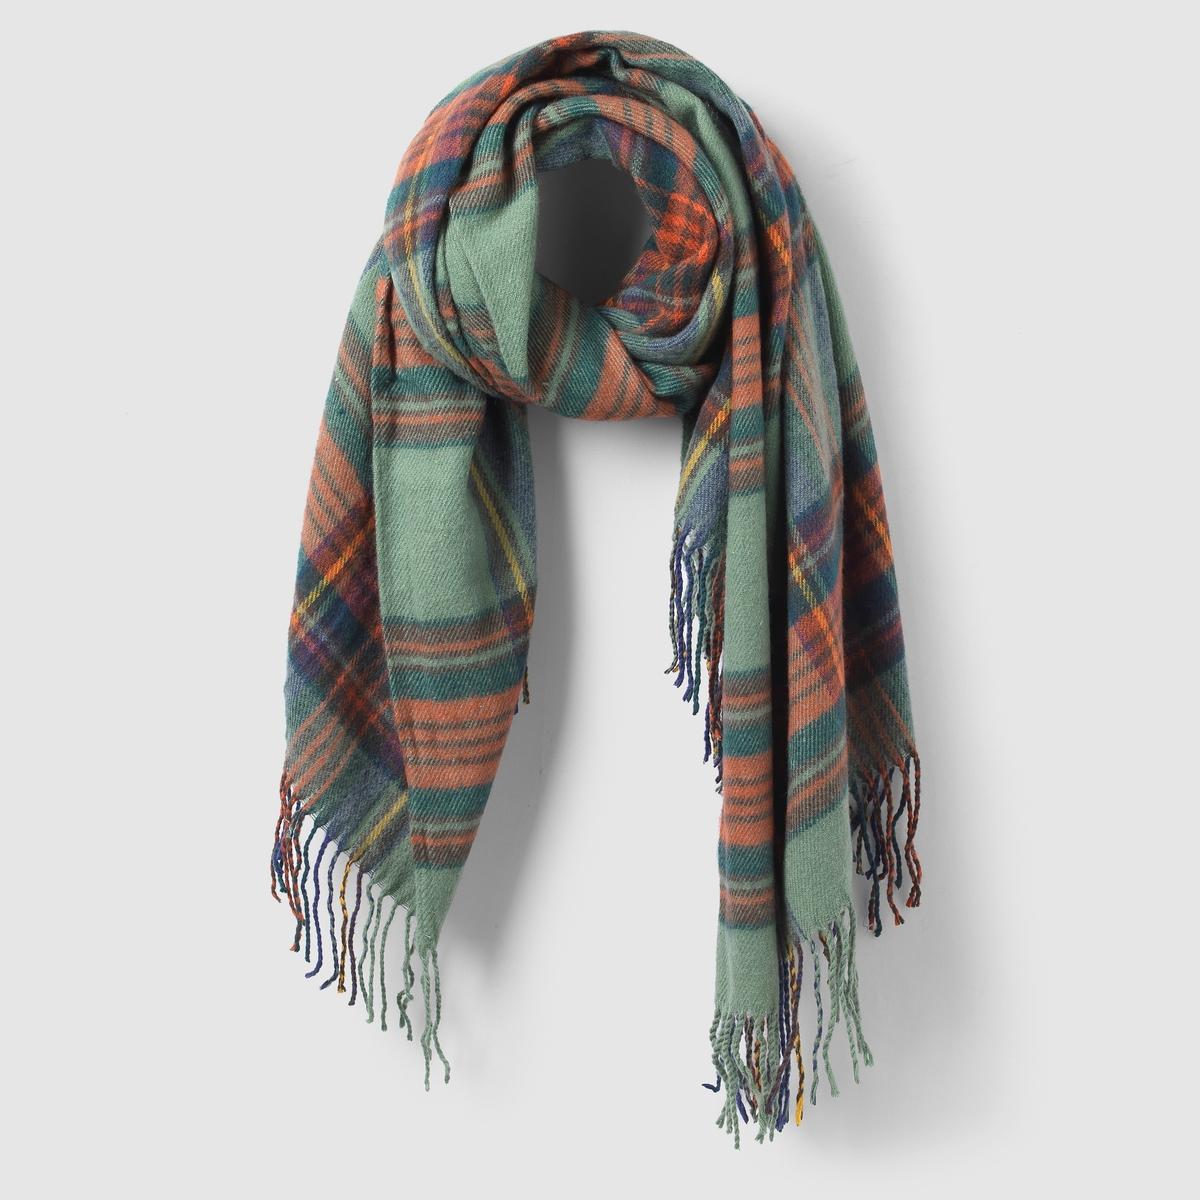 Шарф в клеткуШарф  R ATELIER. Необыкновенно красивый шарф в клетку, его можно сочетать с любыми нарядами, без сомнений.Состав и описание:Материал: 100% акрила.Размеры: ширина: 100 см, длина: 180 смМарка: R ATELIER.<br><br>Цвет: зеленый<br>Размер: единый размер